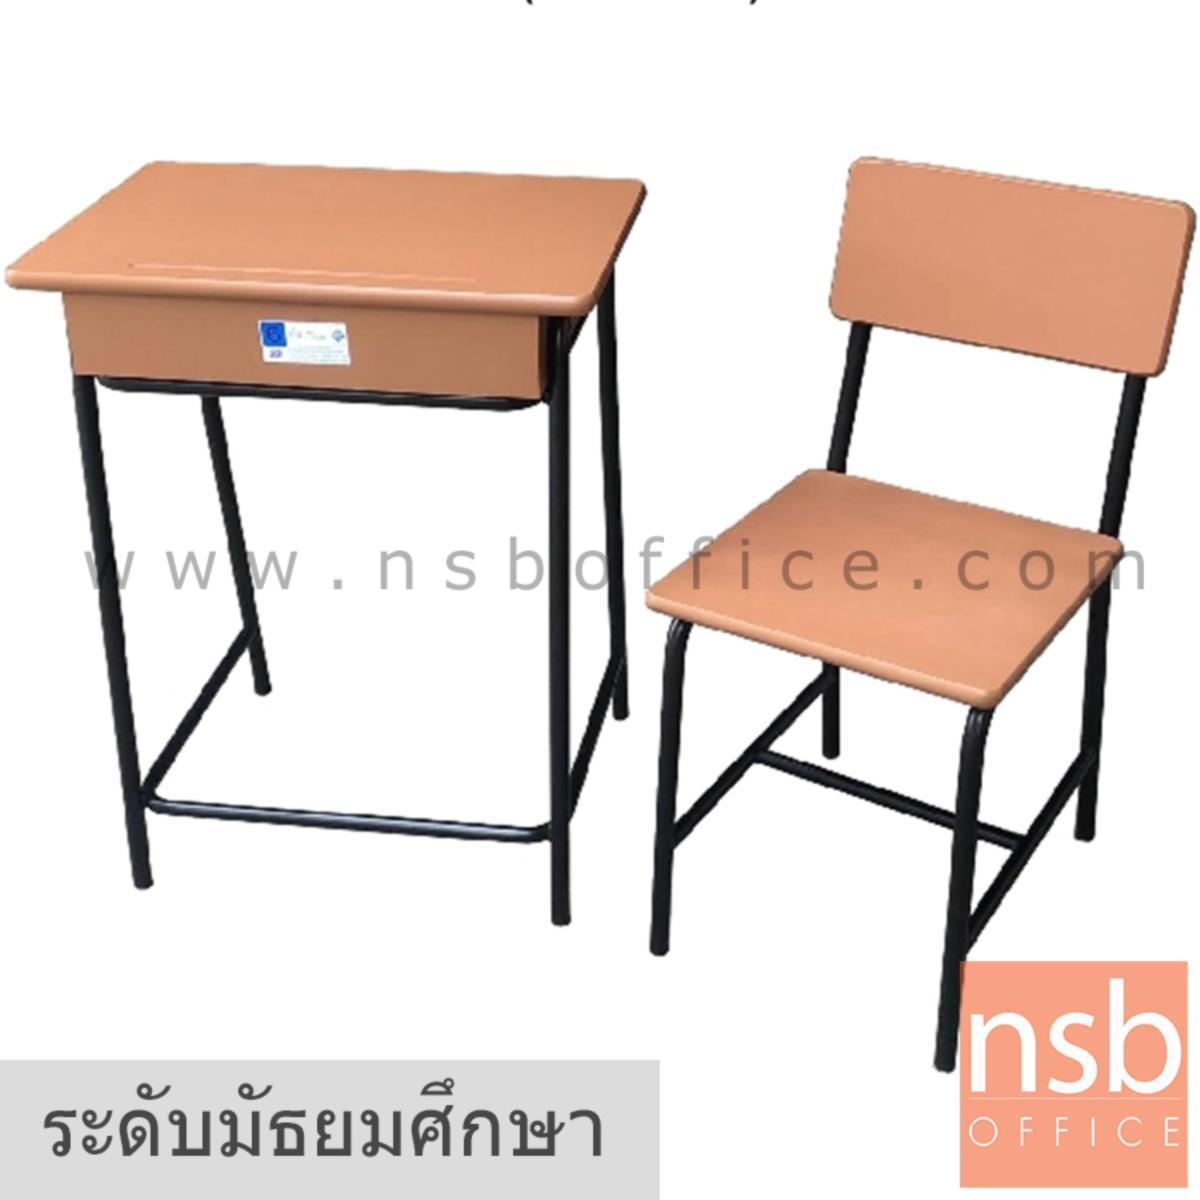 ชุดโต๊ะและเก้าอี้นักเรียน รุ่น MY-6  ระดับมัธยมศึกษา โครงขาเหล็กกลมสีดำ มอก.